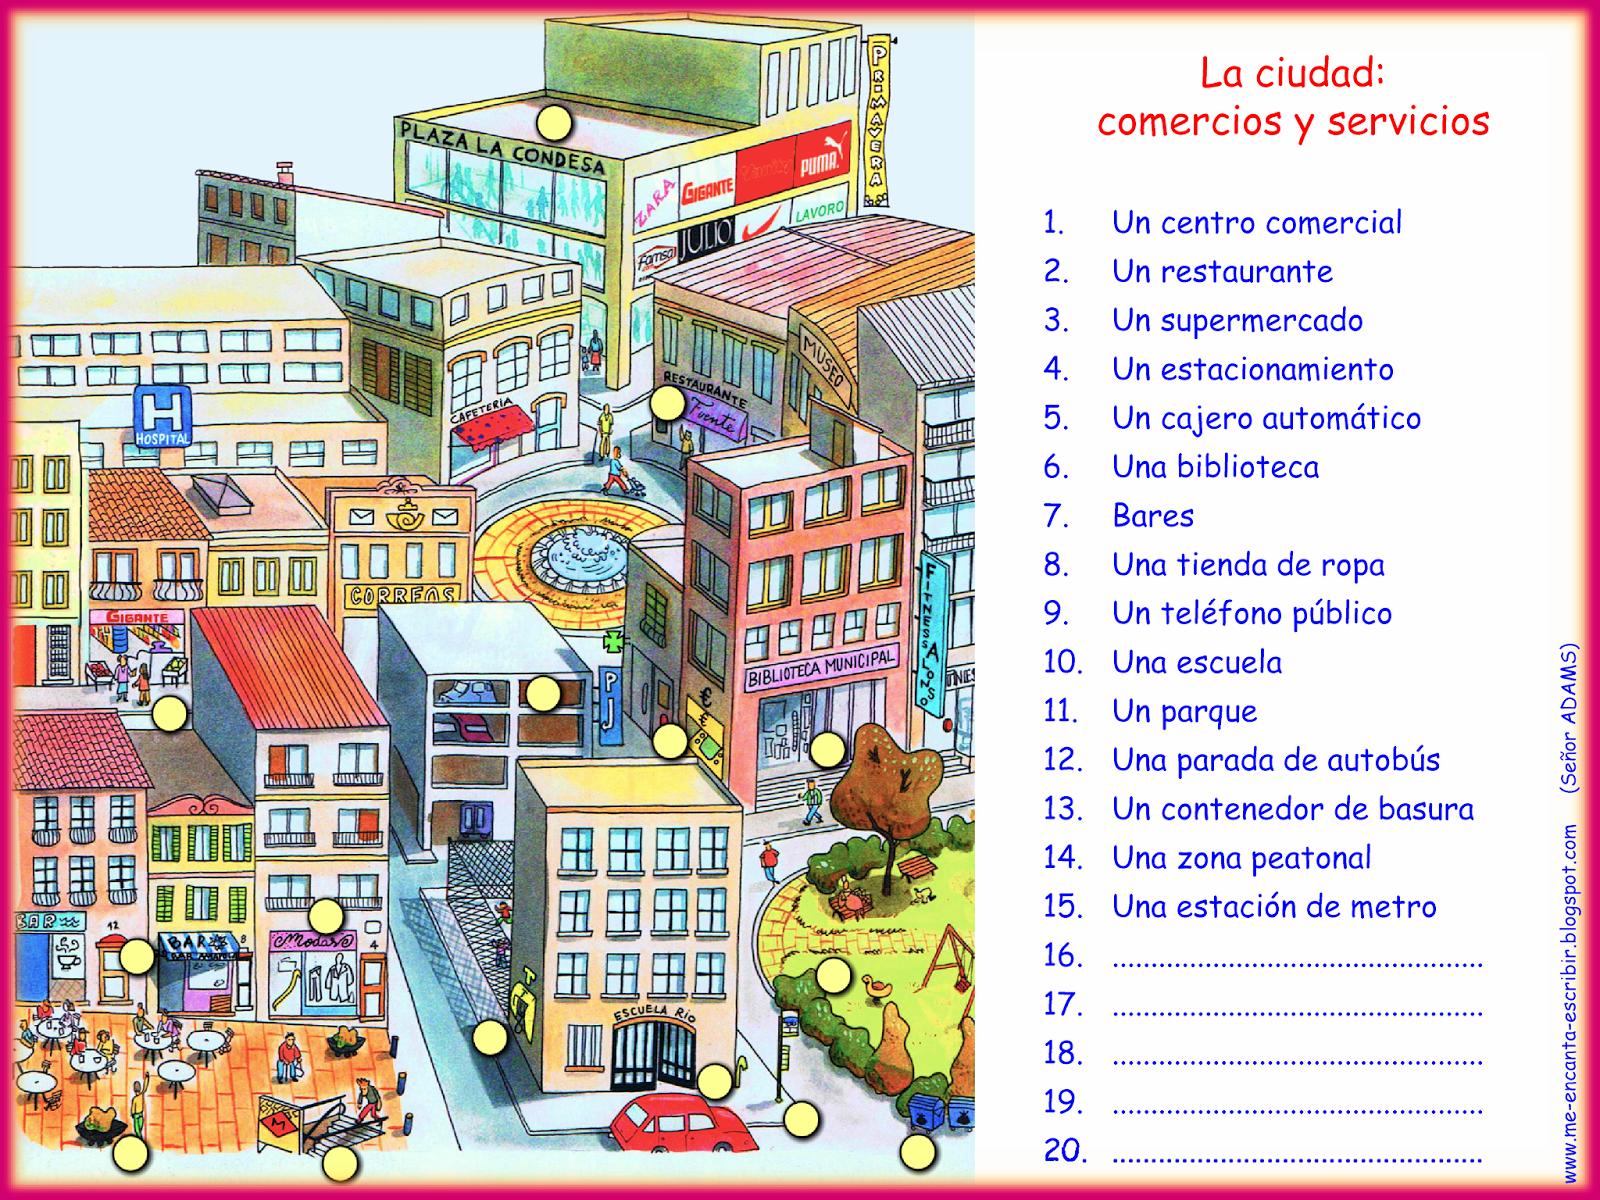 Me Encanta Escribir En Espanol La Ciudad Comercios Y